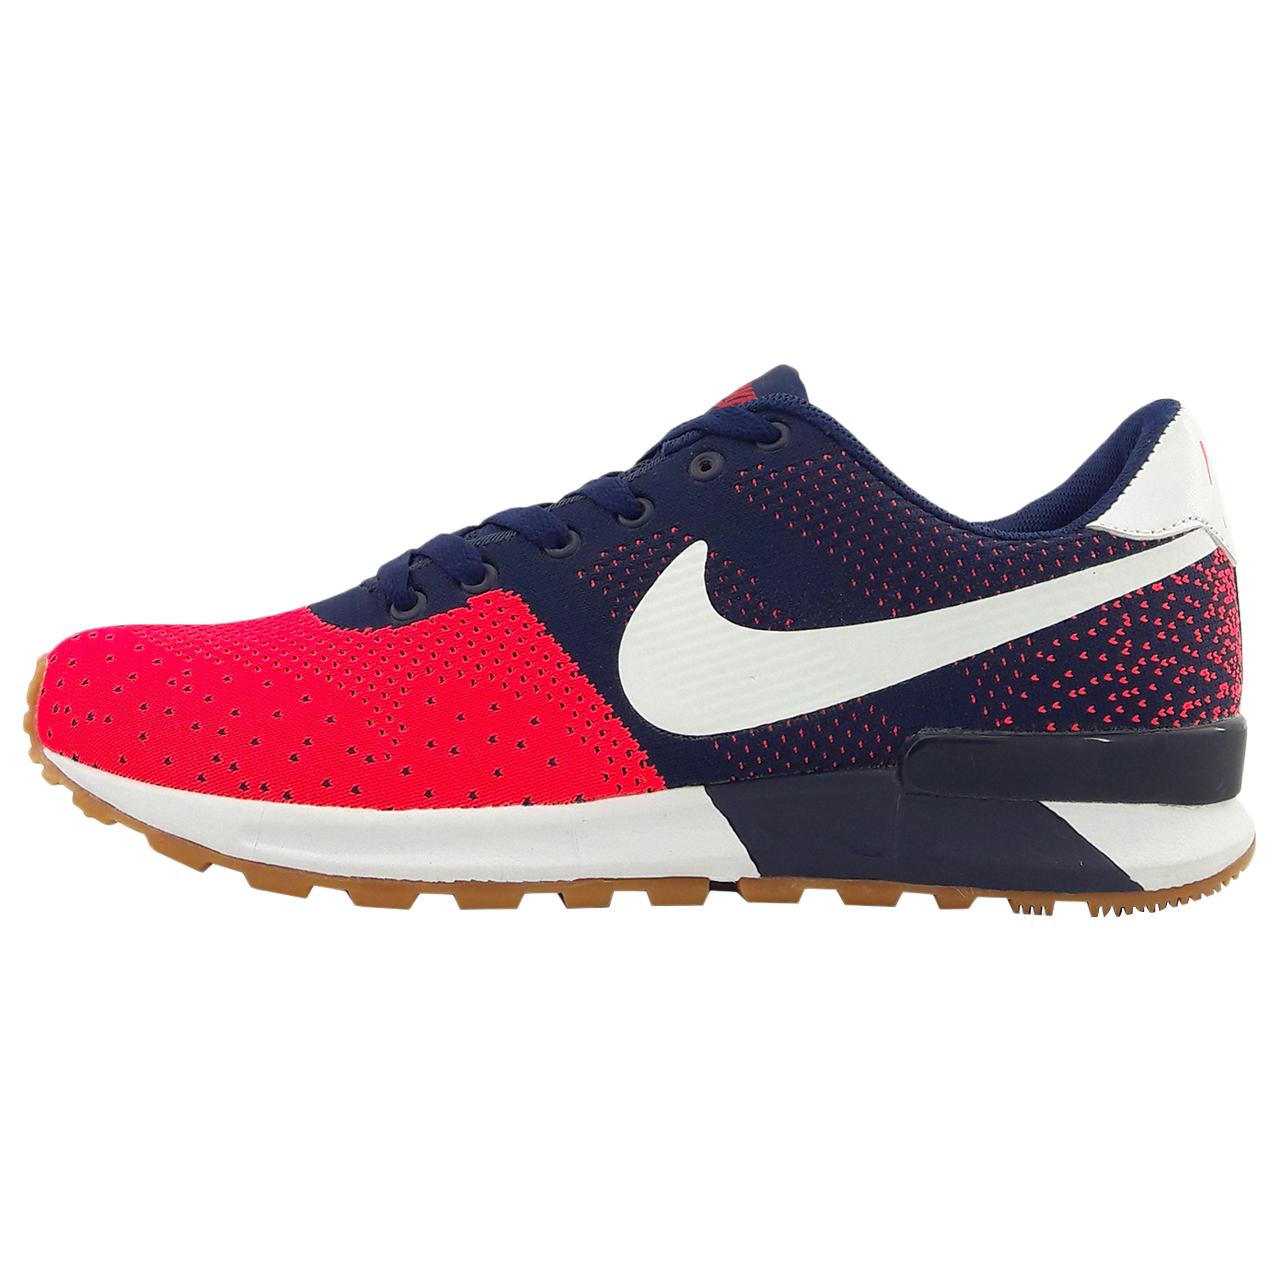 کفش مخصوص پیاده روی مردانه مدل Air nvy.pnk-01